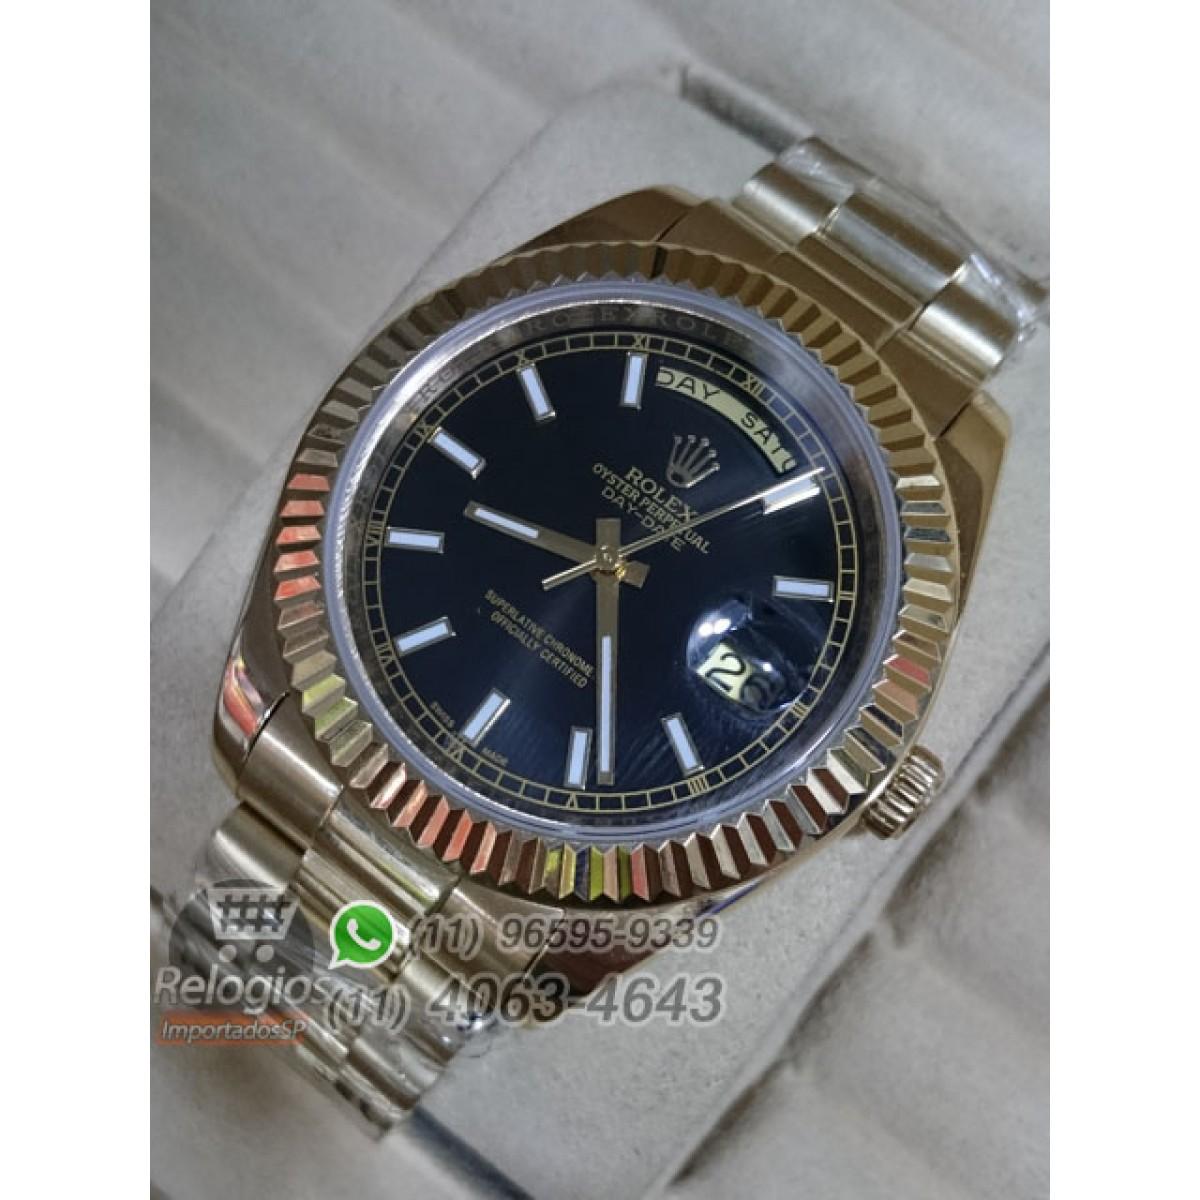 b41dfaa4e8c Relógio Réplica Rolex Day Date Dourado Preto